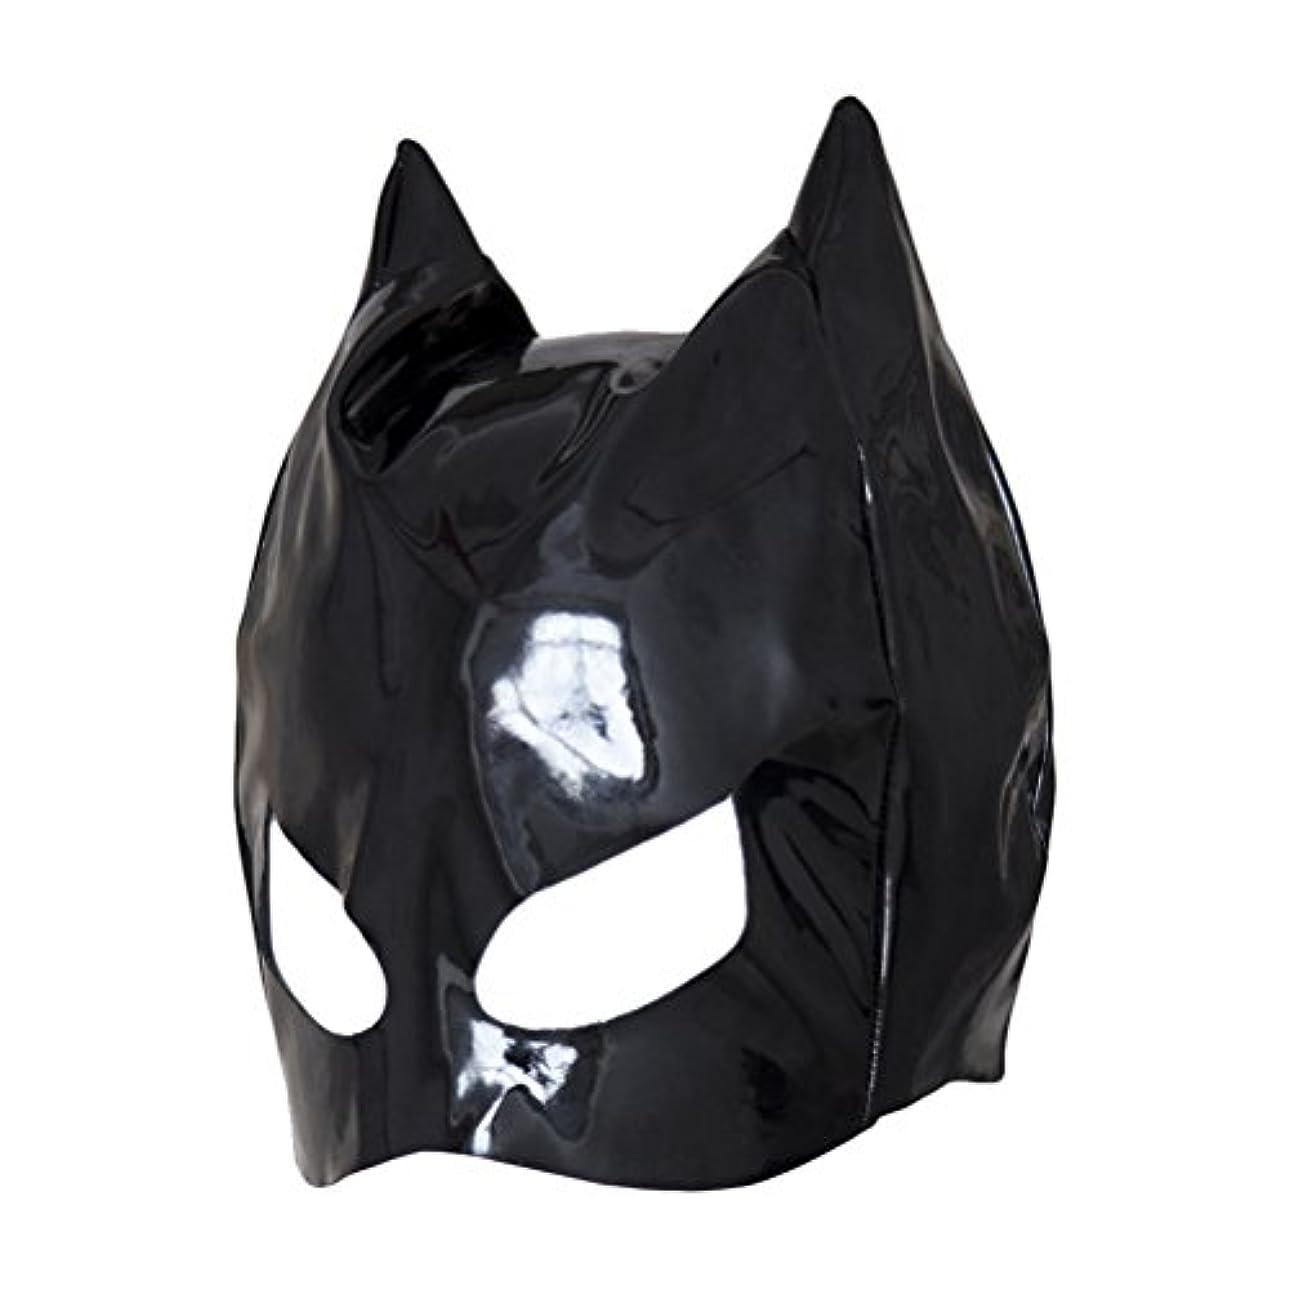 軽蔑動オプションHealifty 全頭マスク フェイスカバー オープンアイズ PUレザーフード コスプレ 衣装帽子 ユニセックス (ブラック)